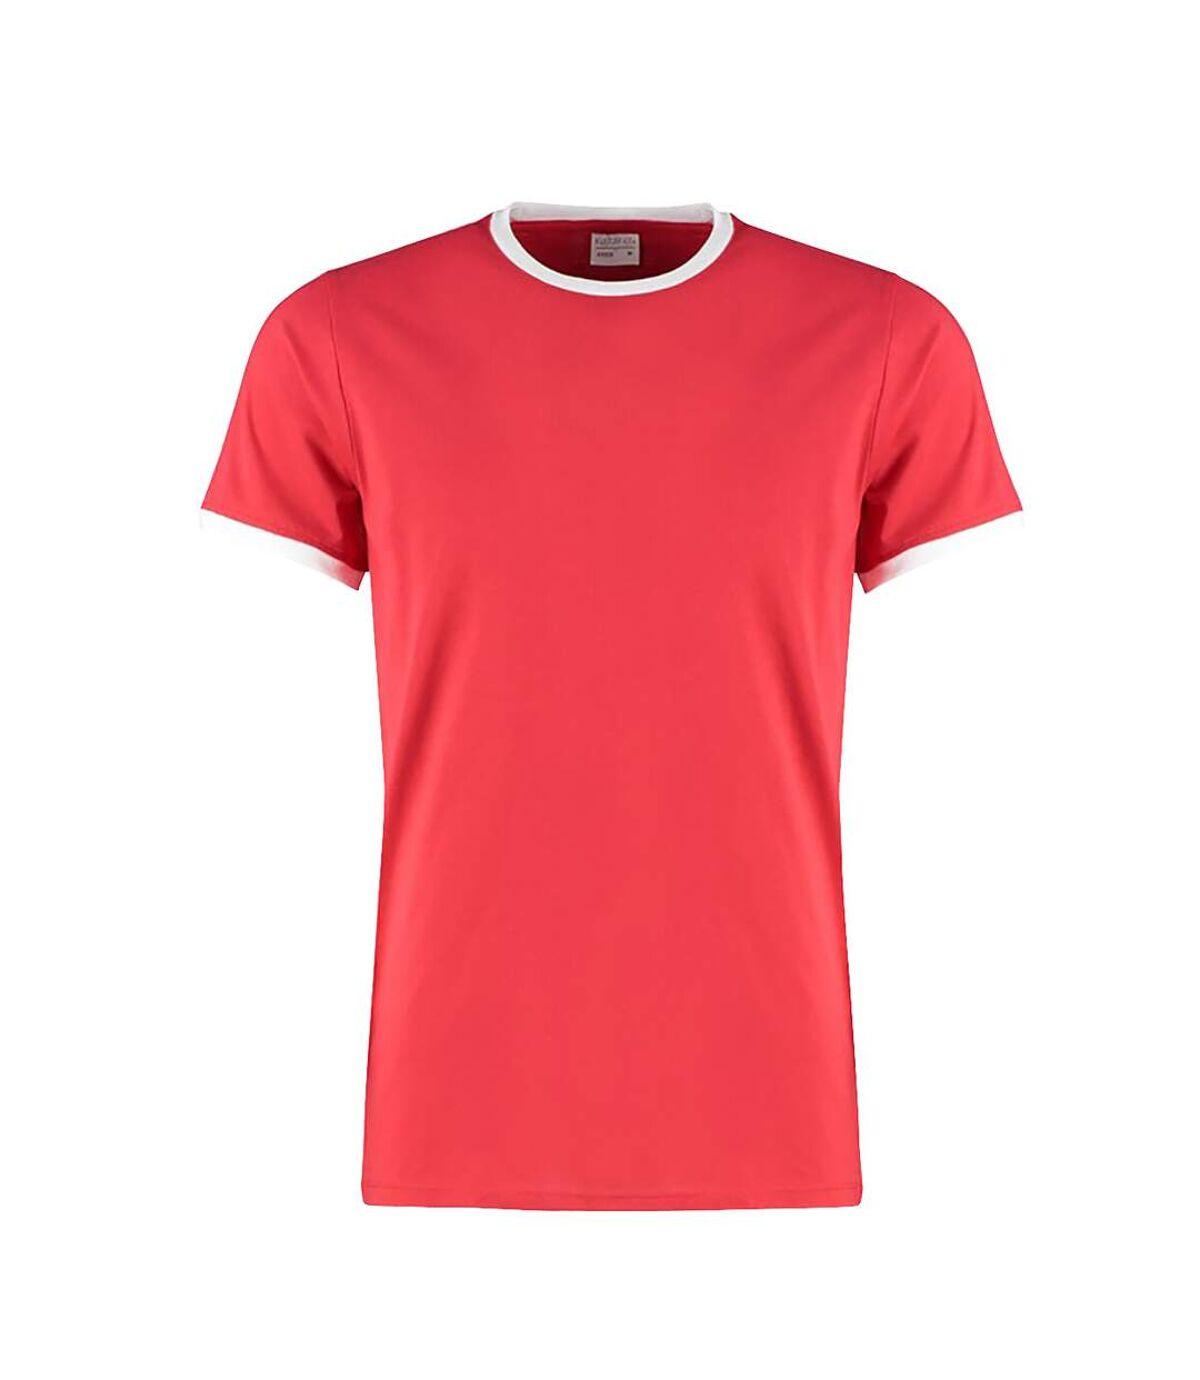 Kustom Kit Mens Fashion Fit Ringer T-Shirt (Red/White) - UTPC3837